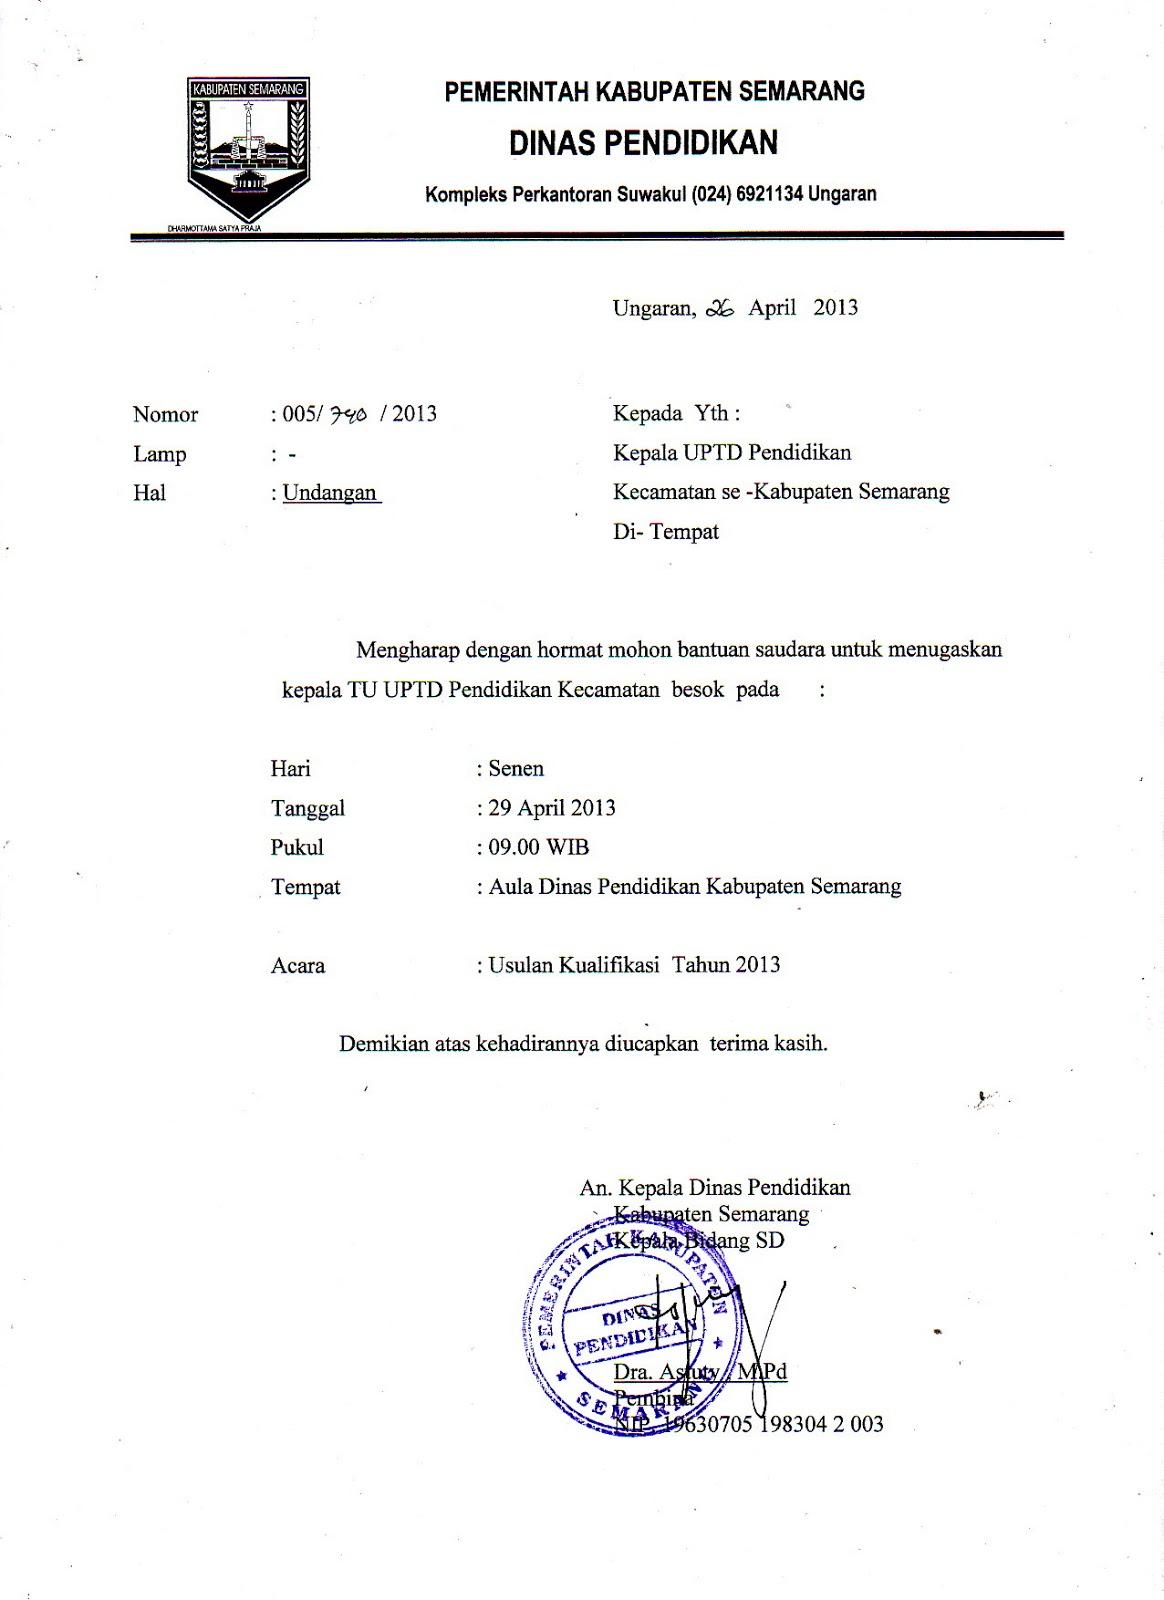 Contoh Surat Undangan Rapat Osis Dalam Bahasa Sunda